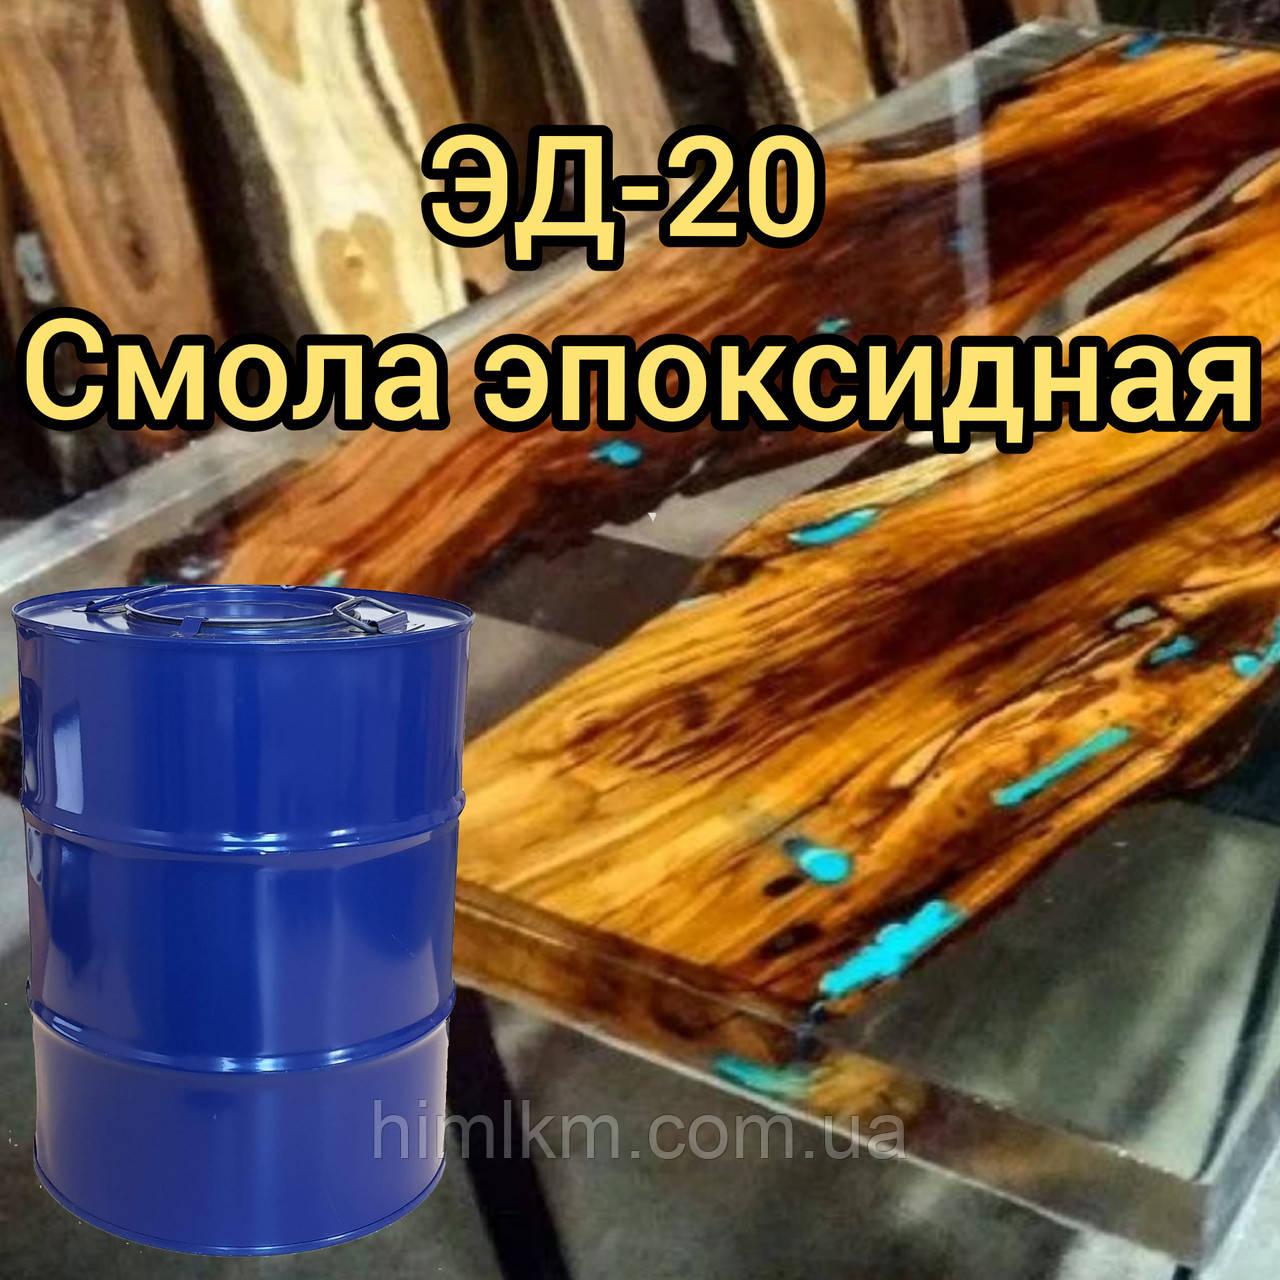 Смола эпоксидная ЭД-20, фасовка 50кг и на розлив